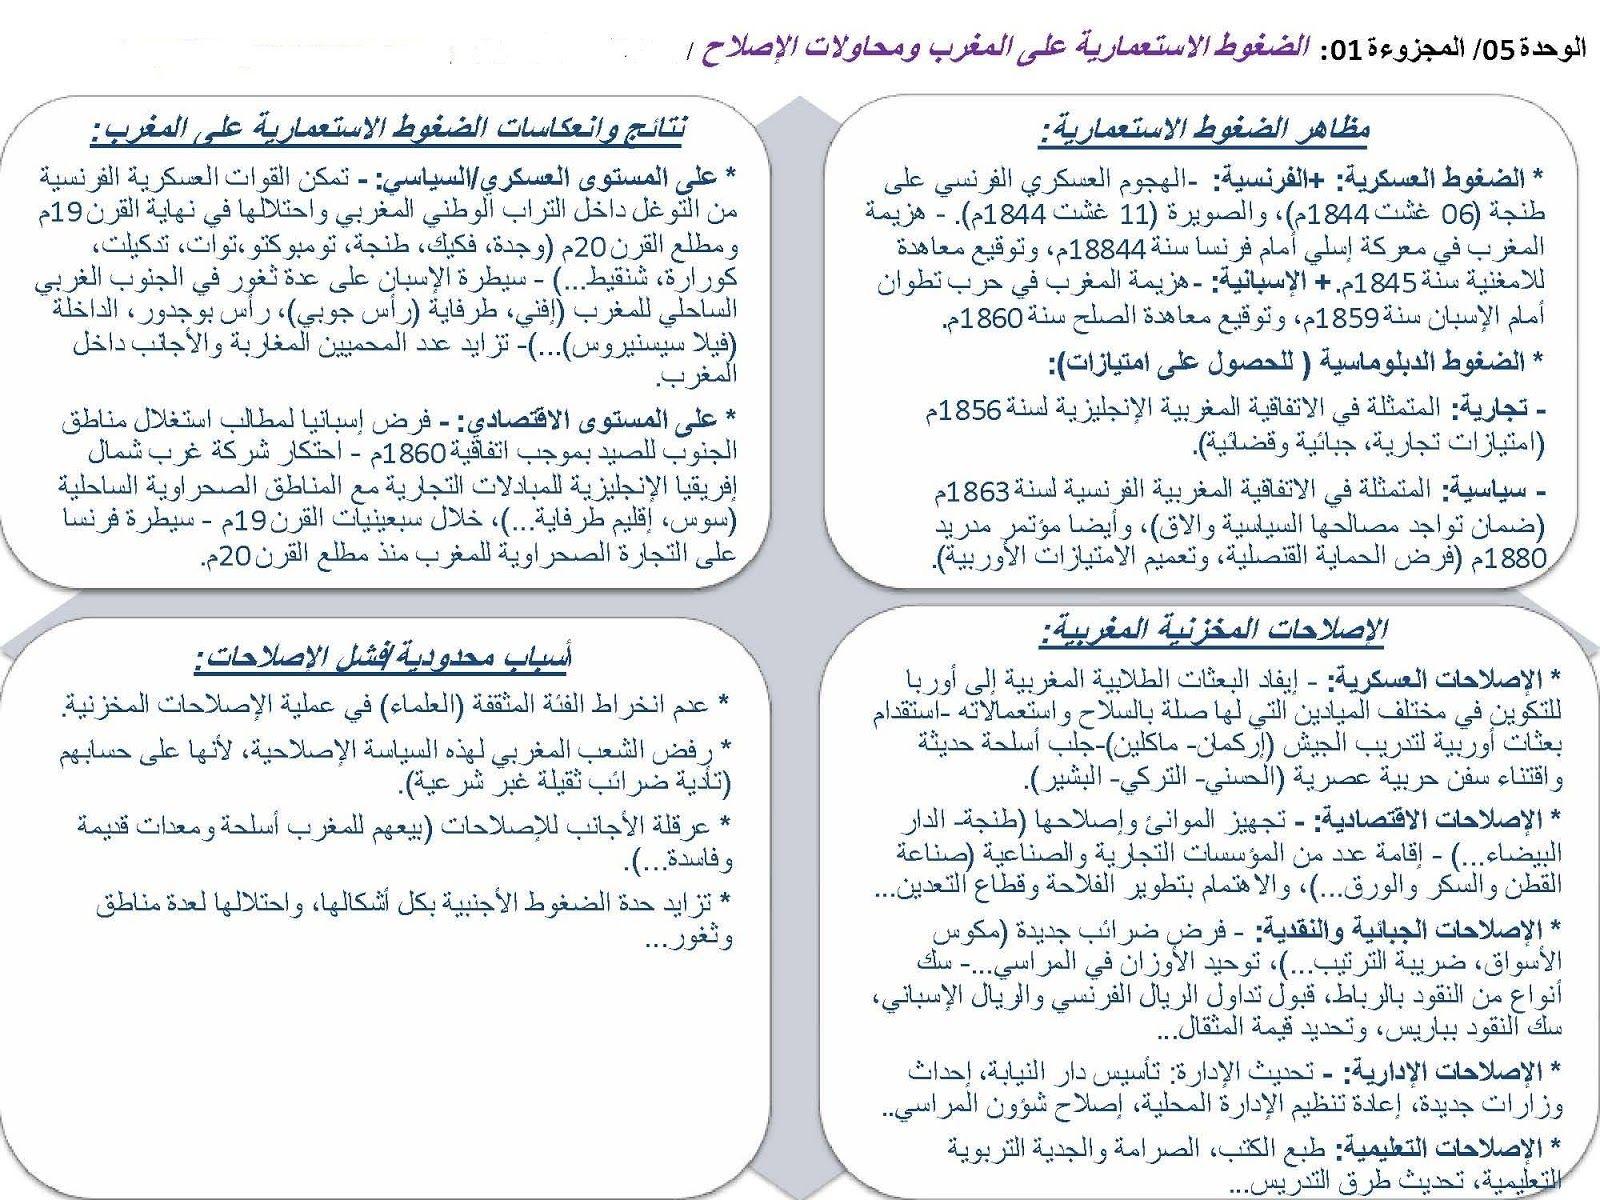 ملخصات دروس الاجتماعيات الثانية باكالوريا Bou7out Blog Posts Blog Post